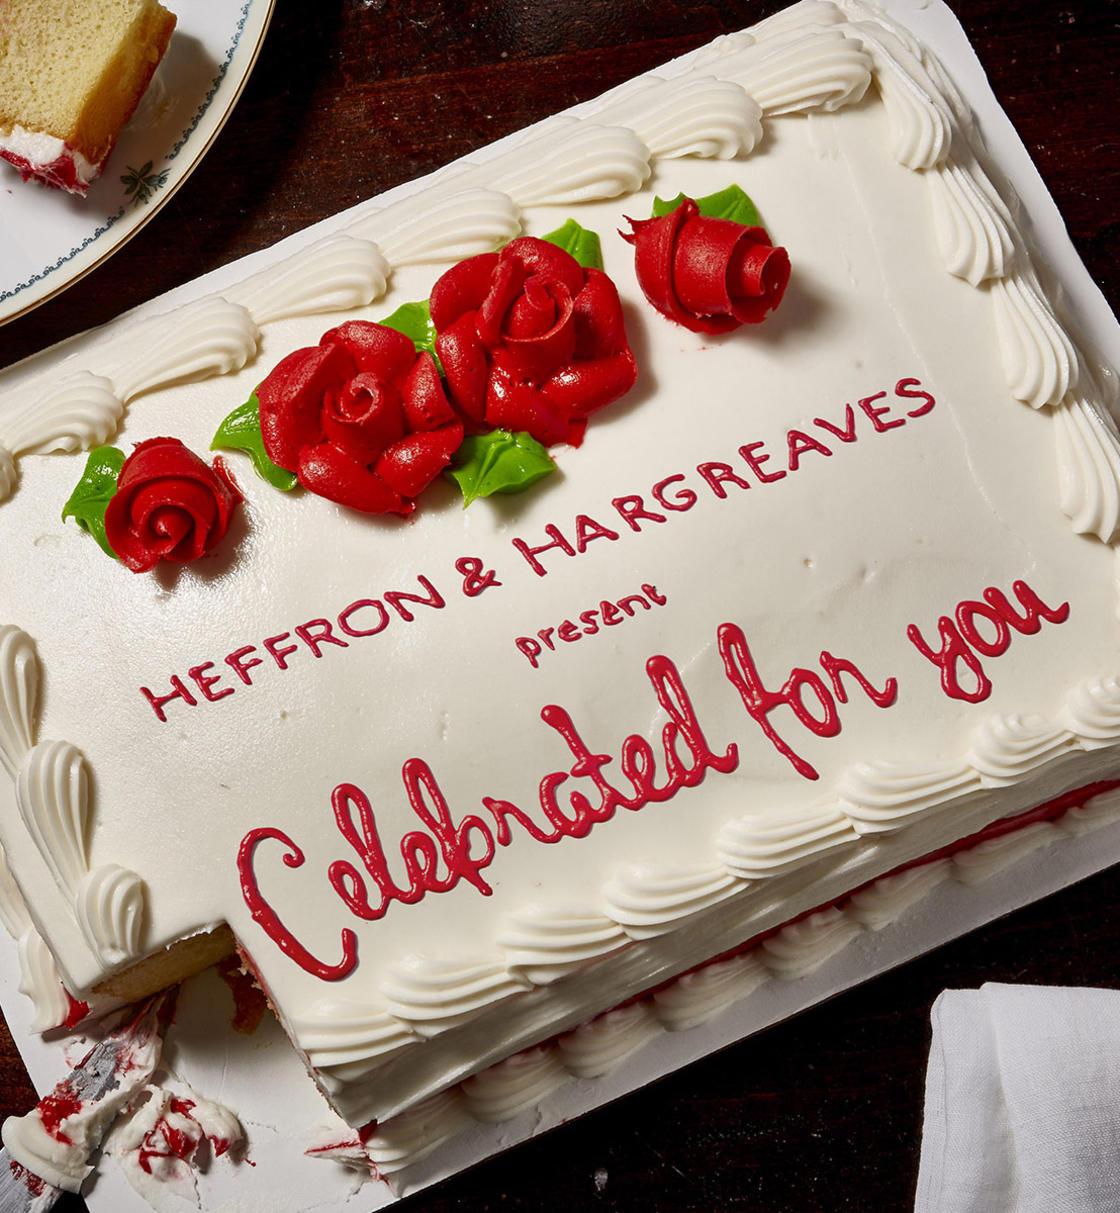 Обсебени фенове приготвят торти за любими режисьори (фотопроект)